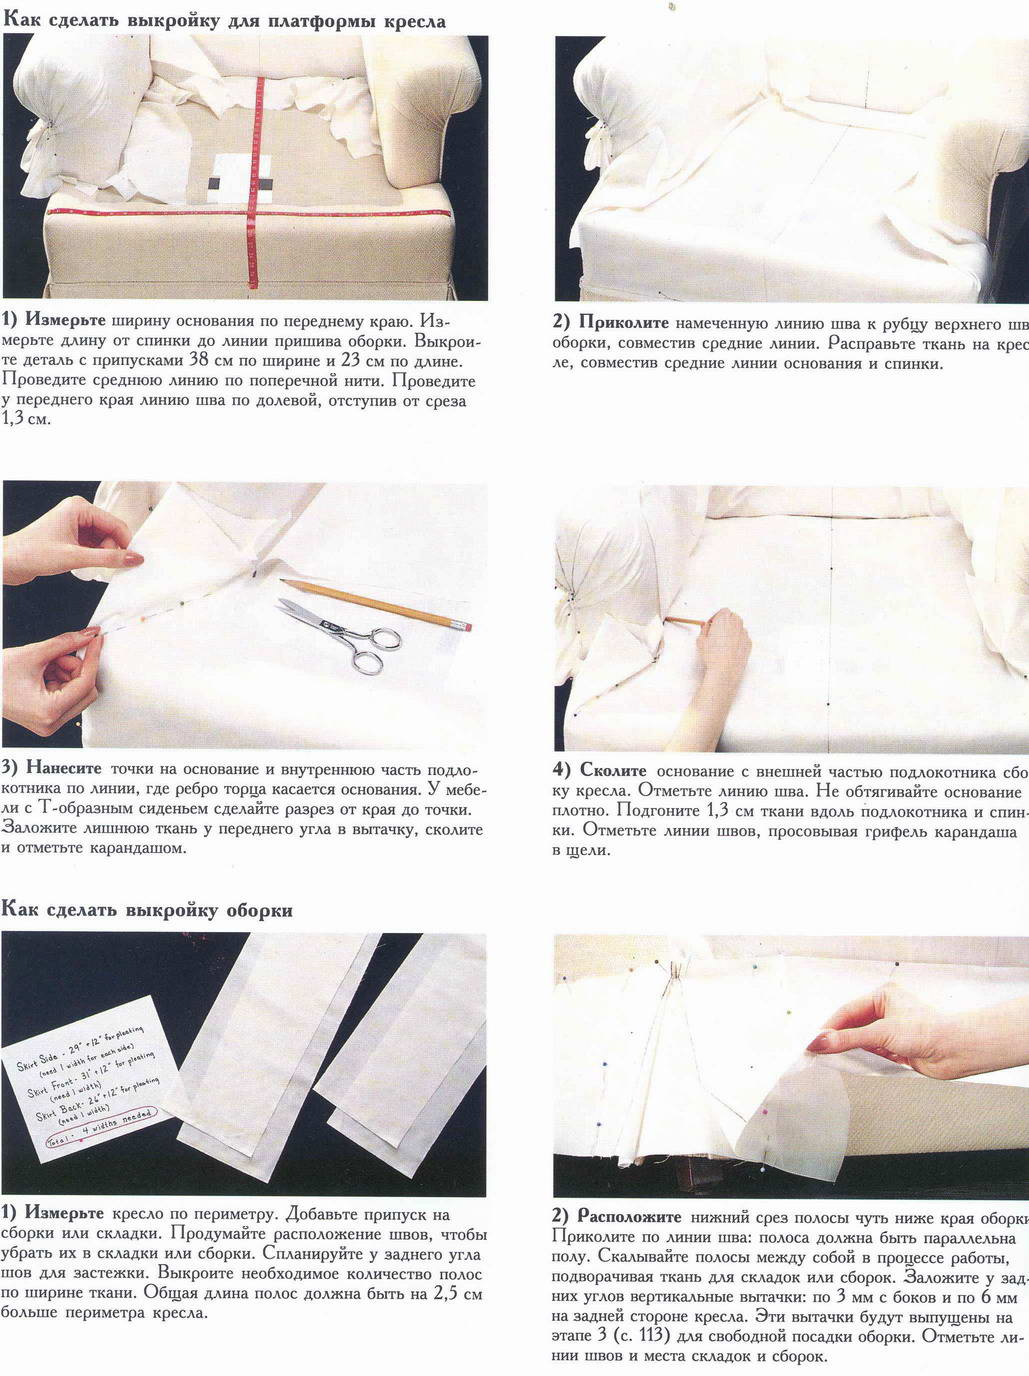 Чехол на диван своими руками: как сшить, выкройки, варианты 32